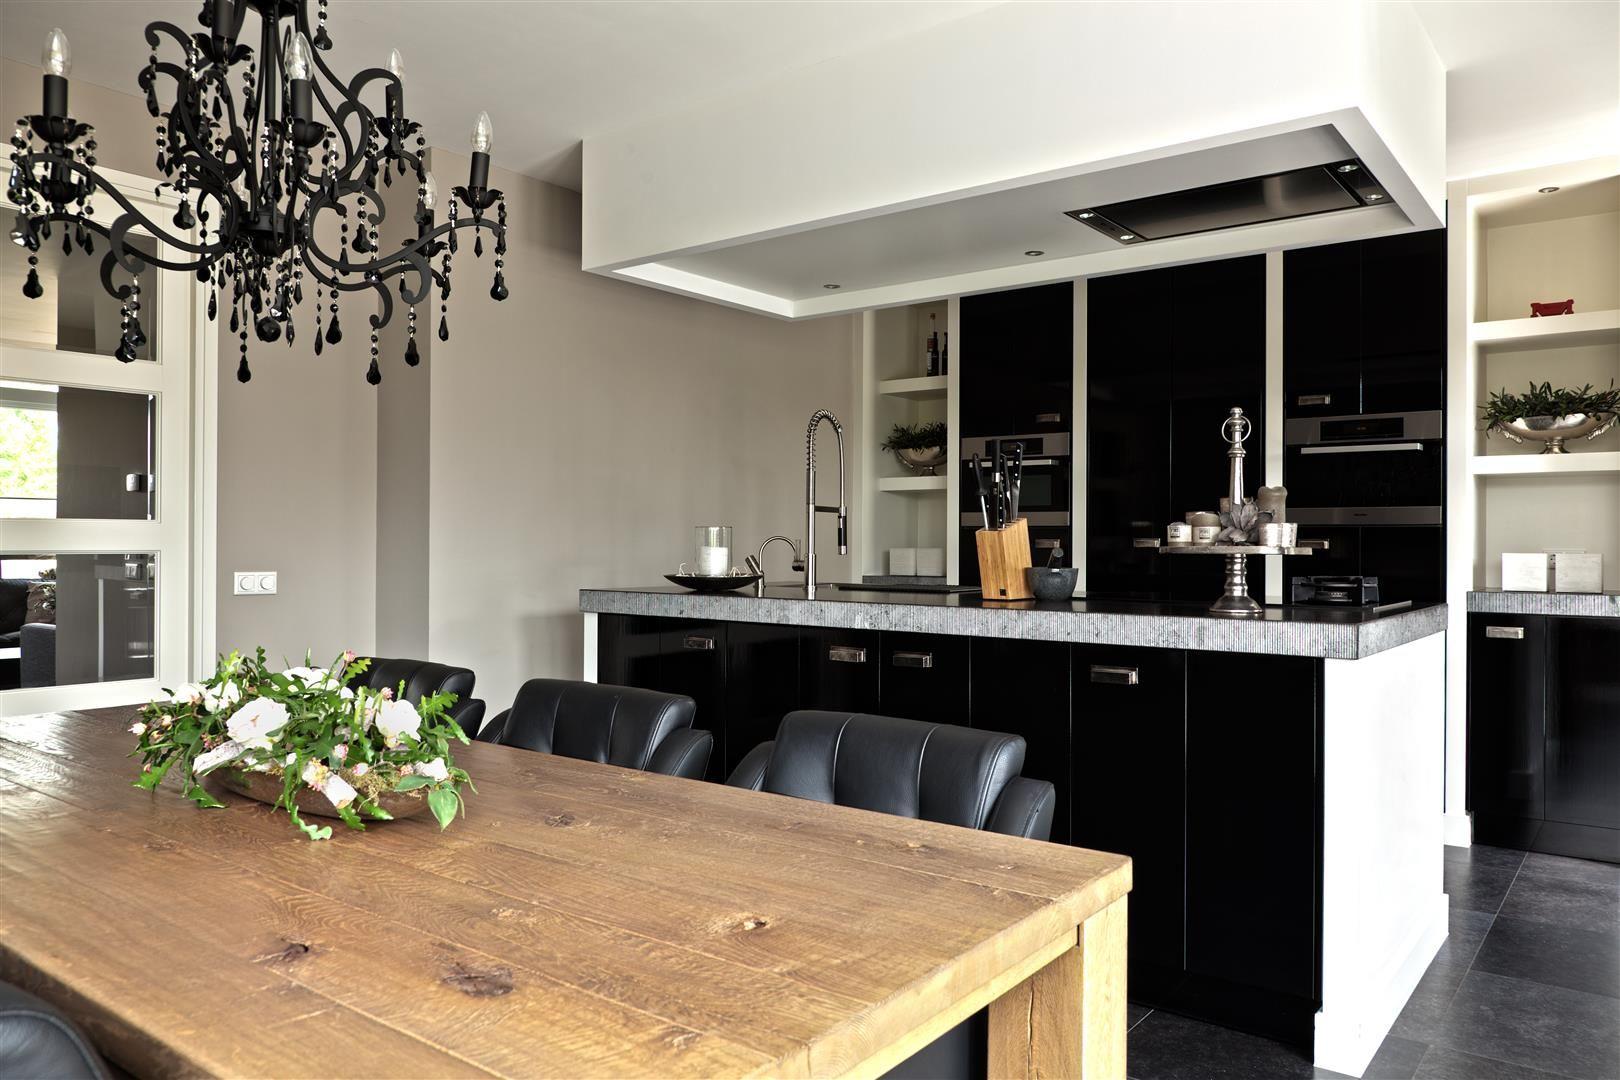 Van Ginkel Keukens : Van ginkel keukens keuken home decor kitchen en interior